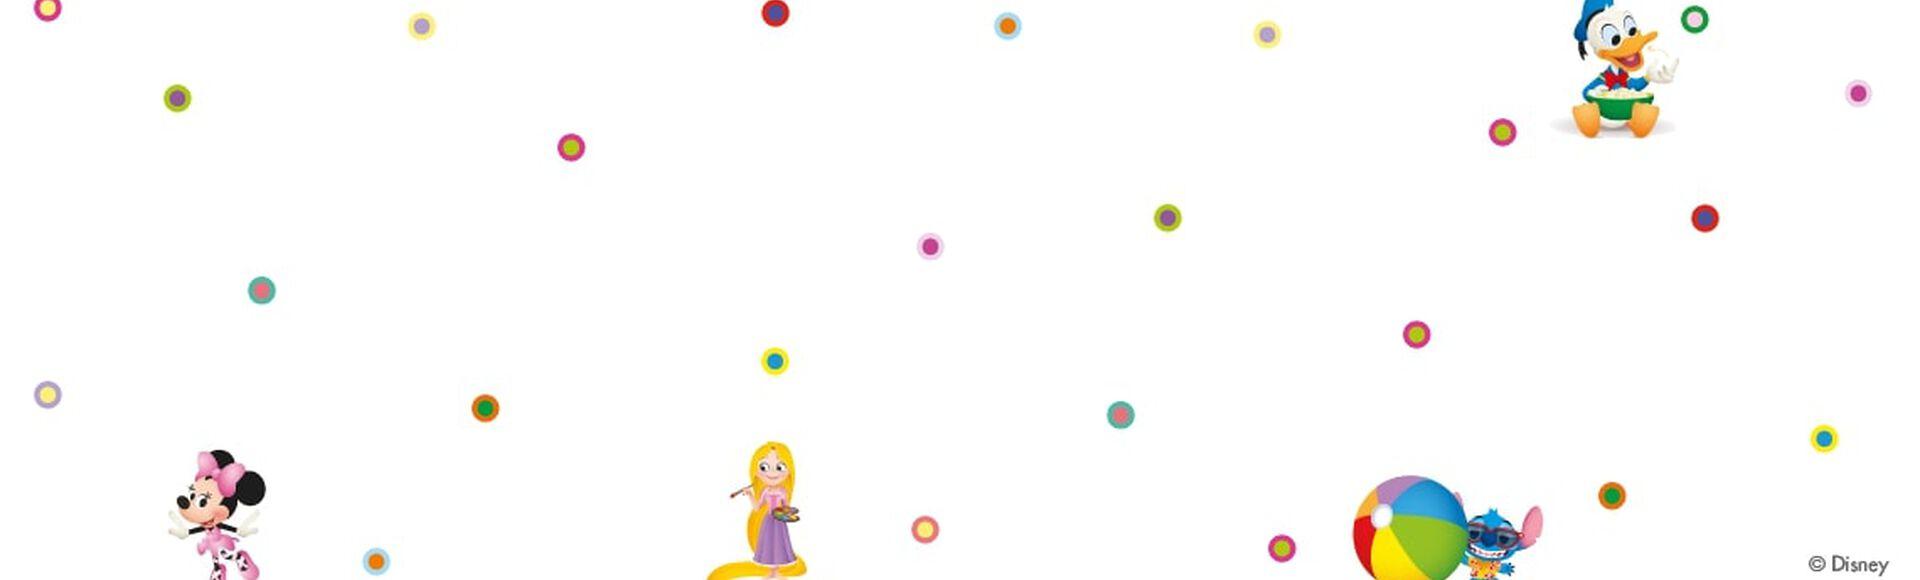 Stitch, Minnie Mouse, Donald e Rapunzel